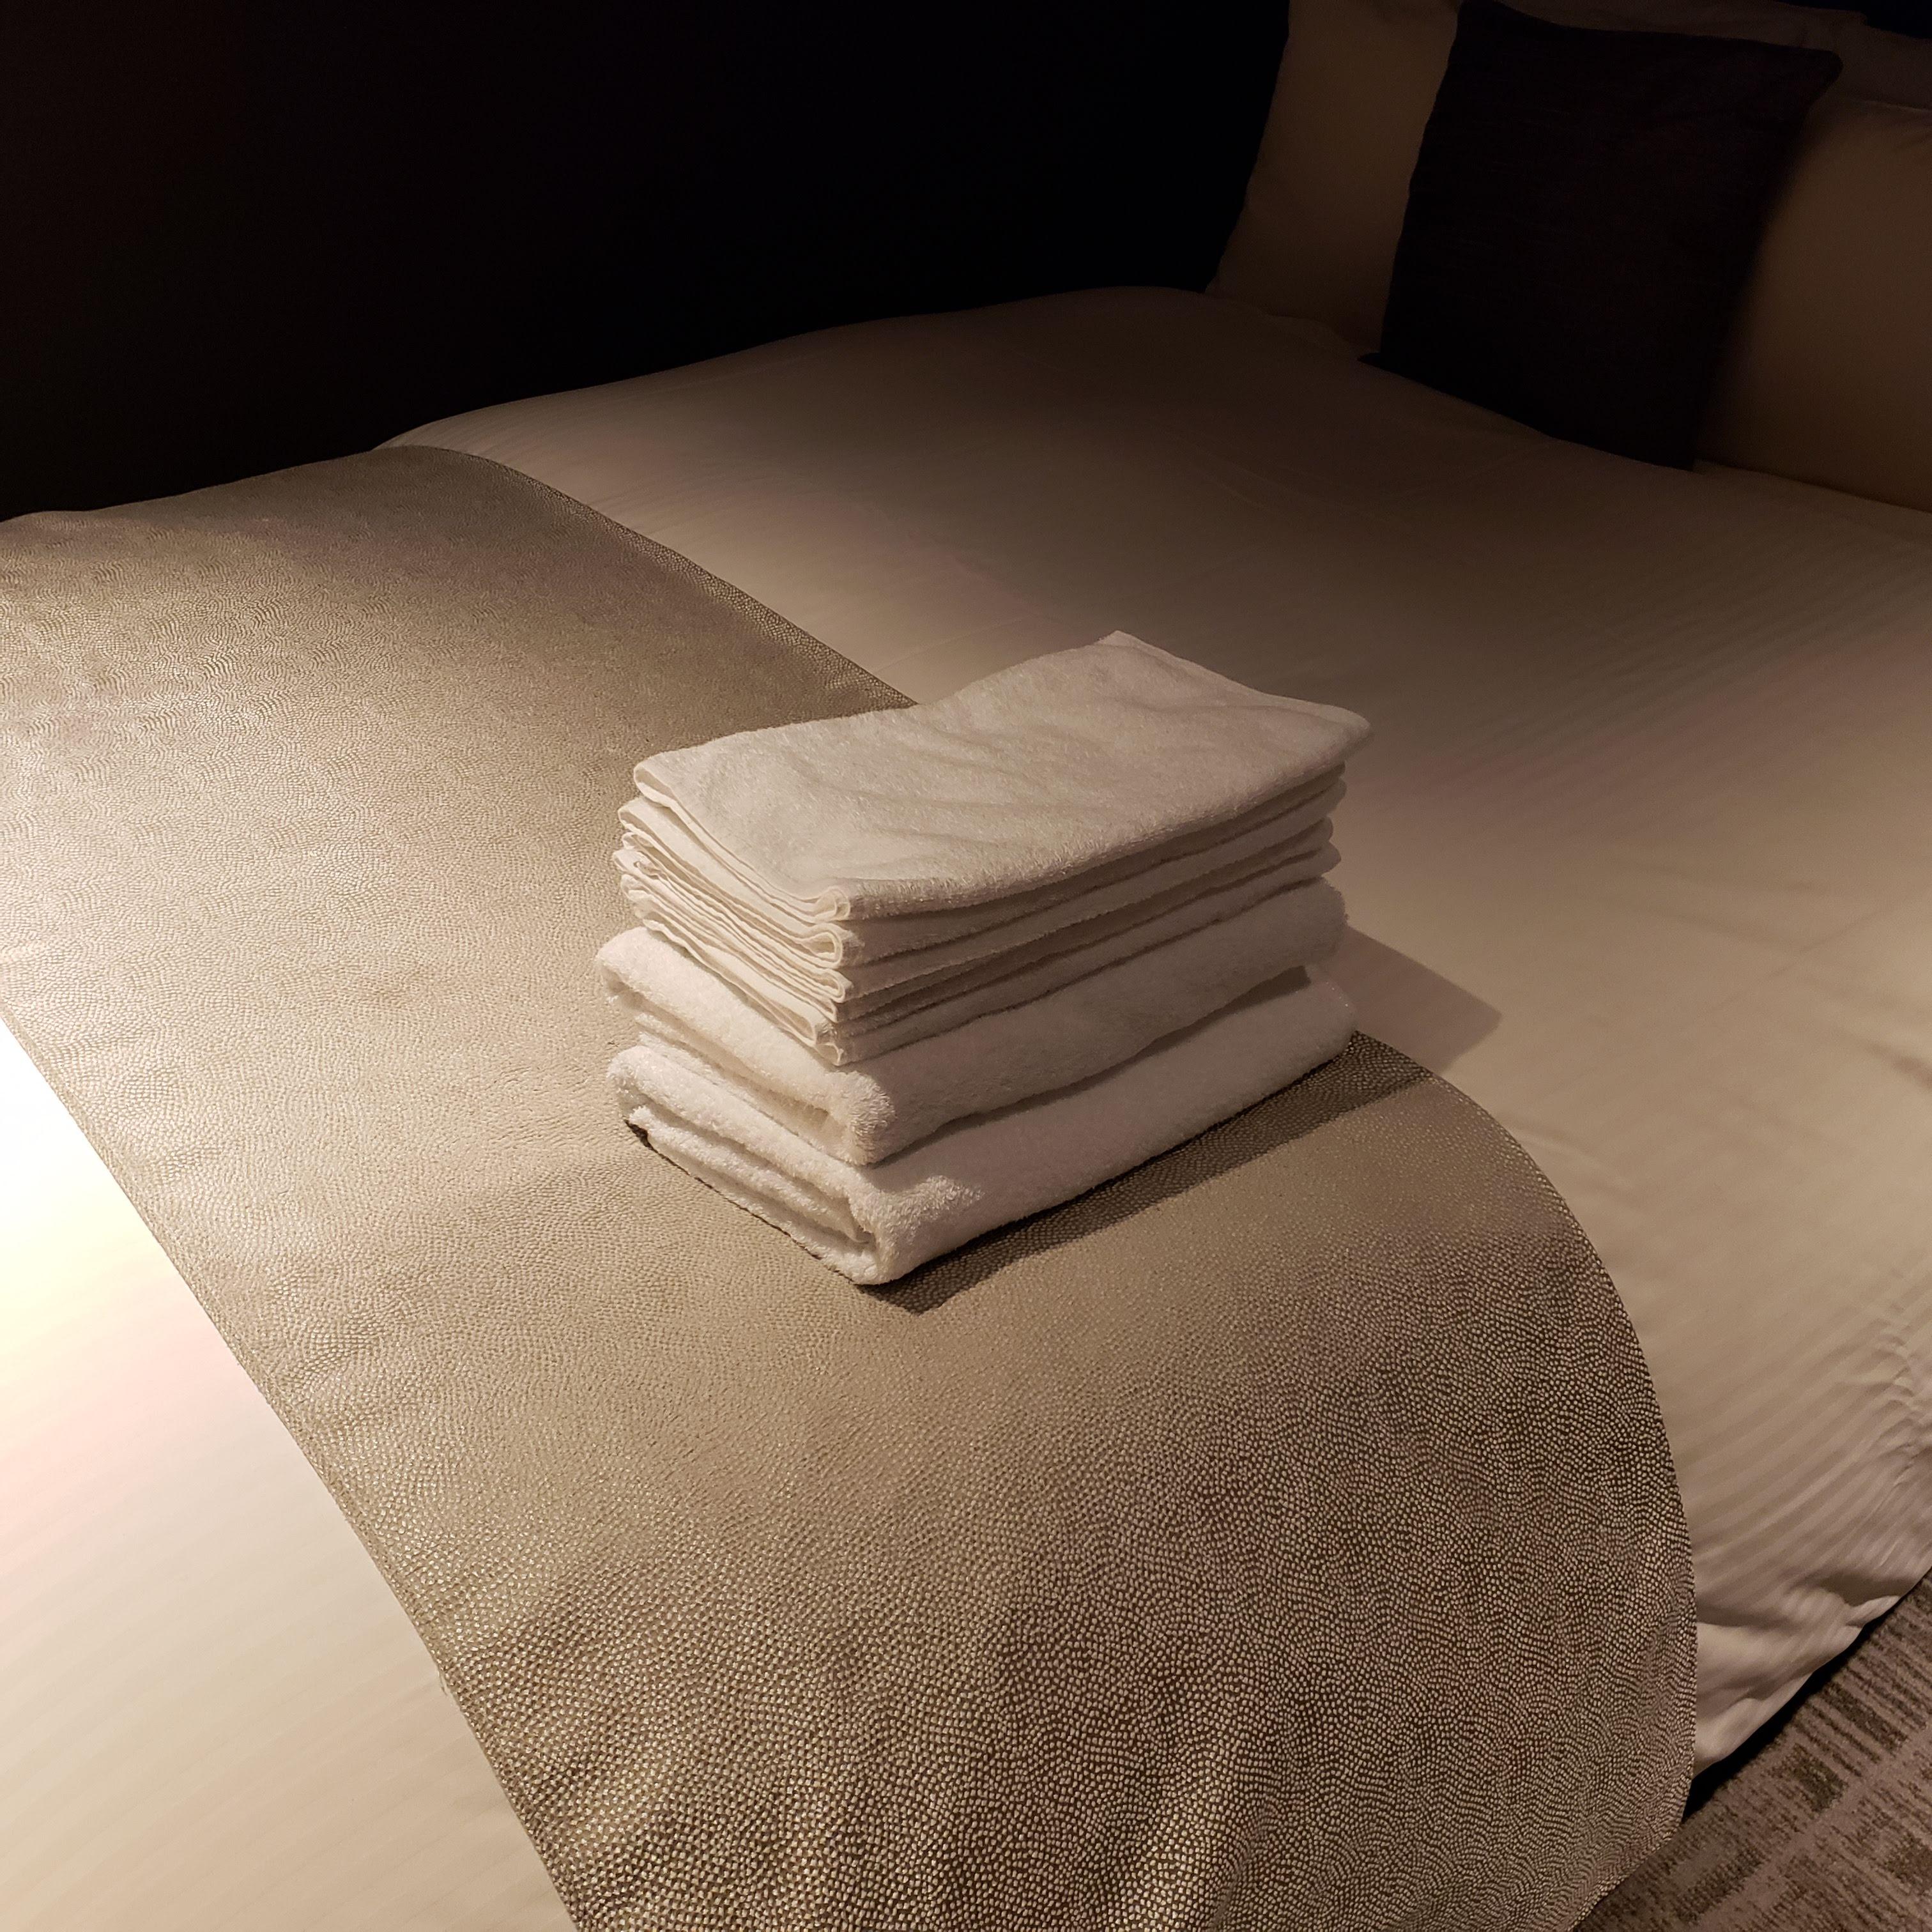 一度清掃に来たタイミングで多めにタオルを準備してくれるホテル側の配慮に、いつも感謝しているそう。